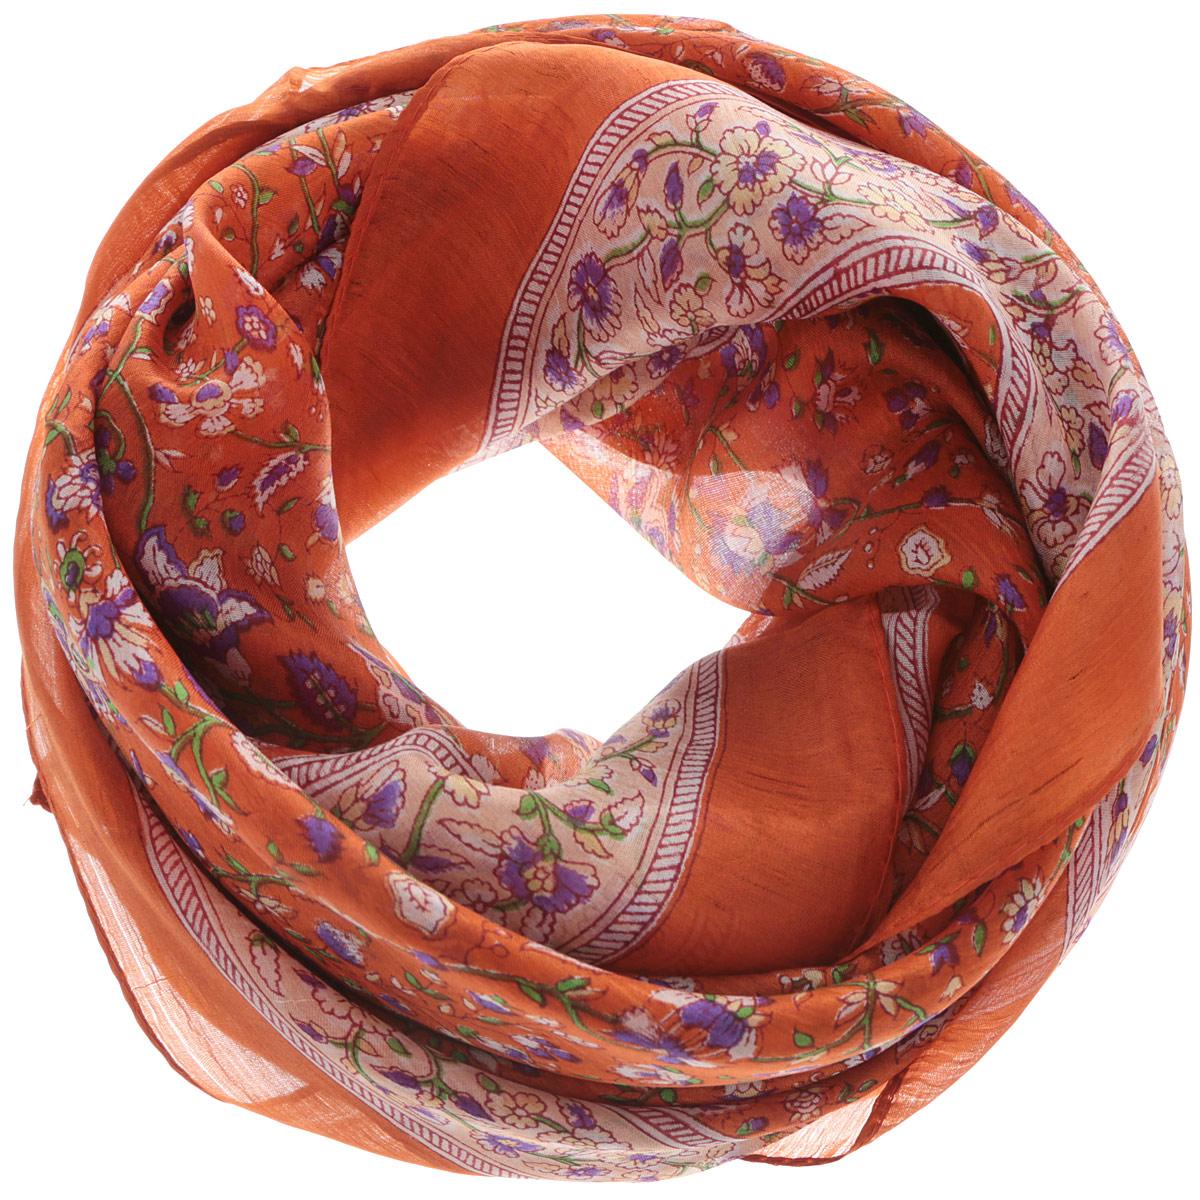 Платок женский Ethnica, цвет: кирпичный, фиолетовый, бежевый. 560135н. Размер 100 см х 100 см560135нСтильный женский платок Ethnica станет великолепным завершением любого наряда. Платок изготовлен из 100% шелка с использованием натуральных красителей, оформлен оригинальным орнаментом. Классическая квадратная форма позволяет носить платок на шее, украшать им прическу или декорировать сумочку. Такой платок превосходно дополнит любой наряд и подчеркнет ваш неповторимый вкус и элегантность.